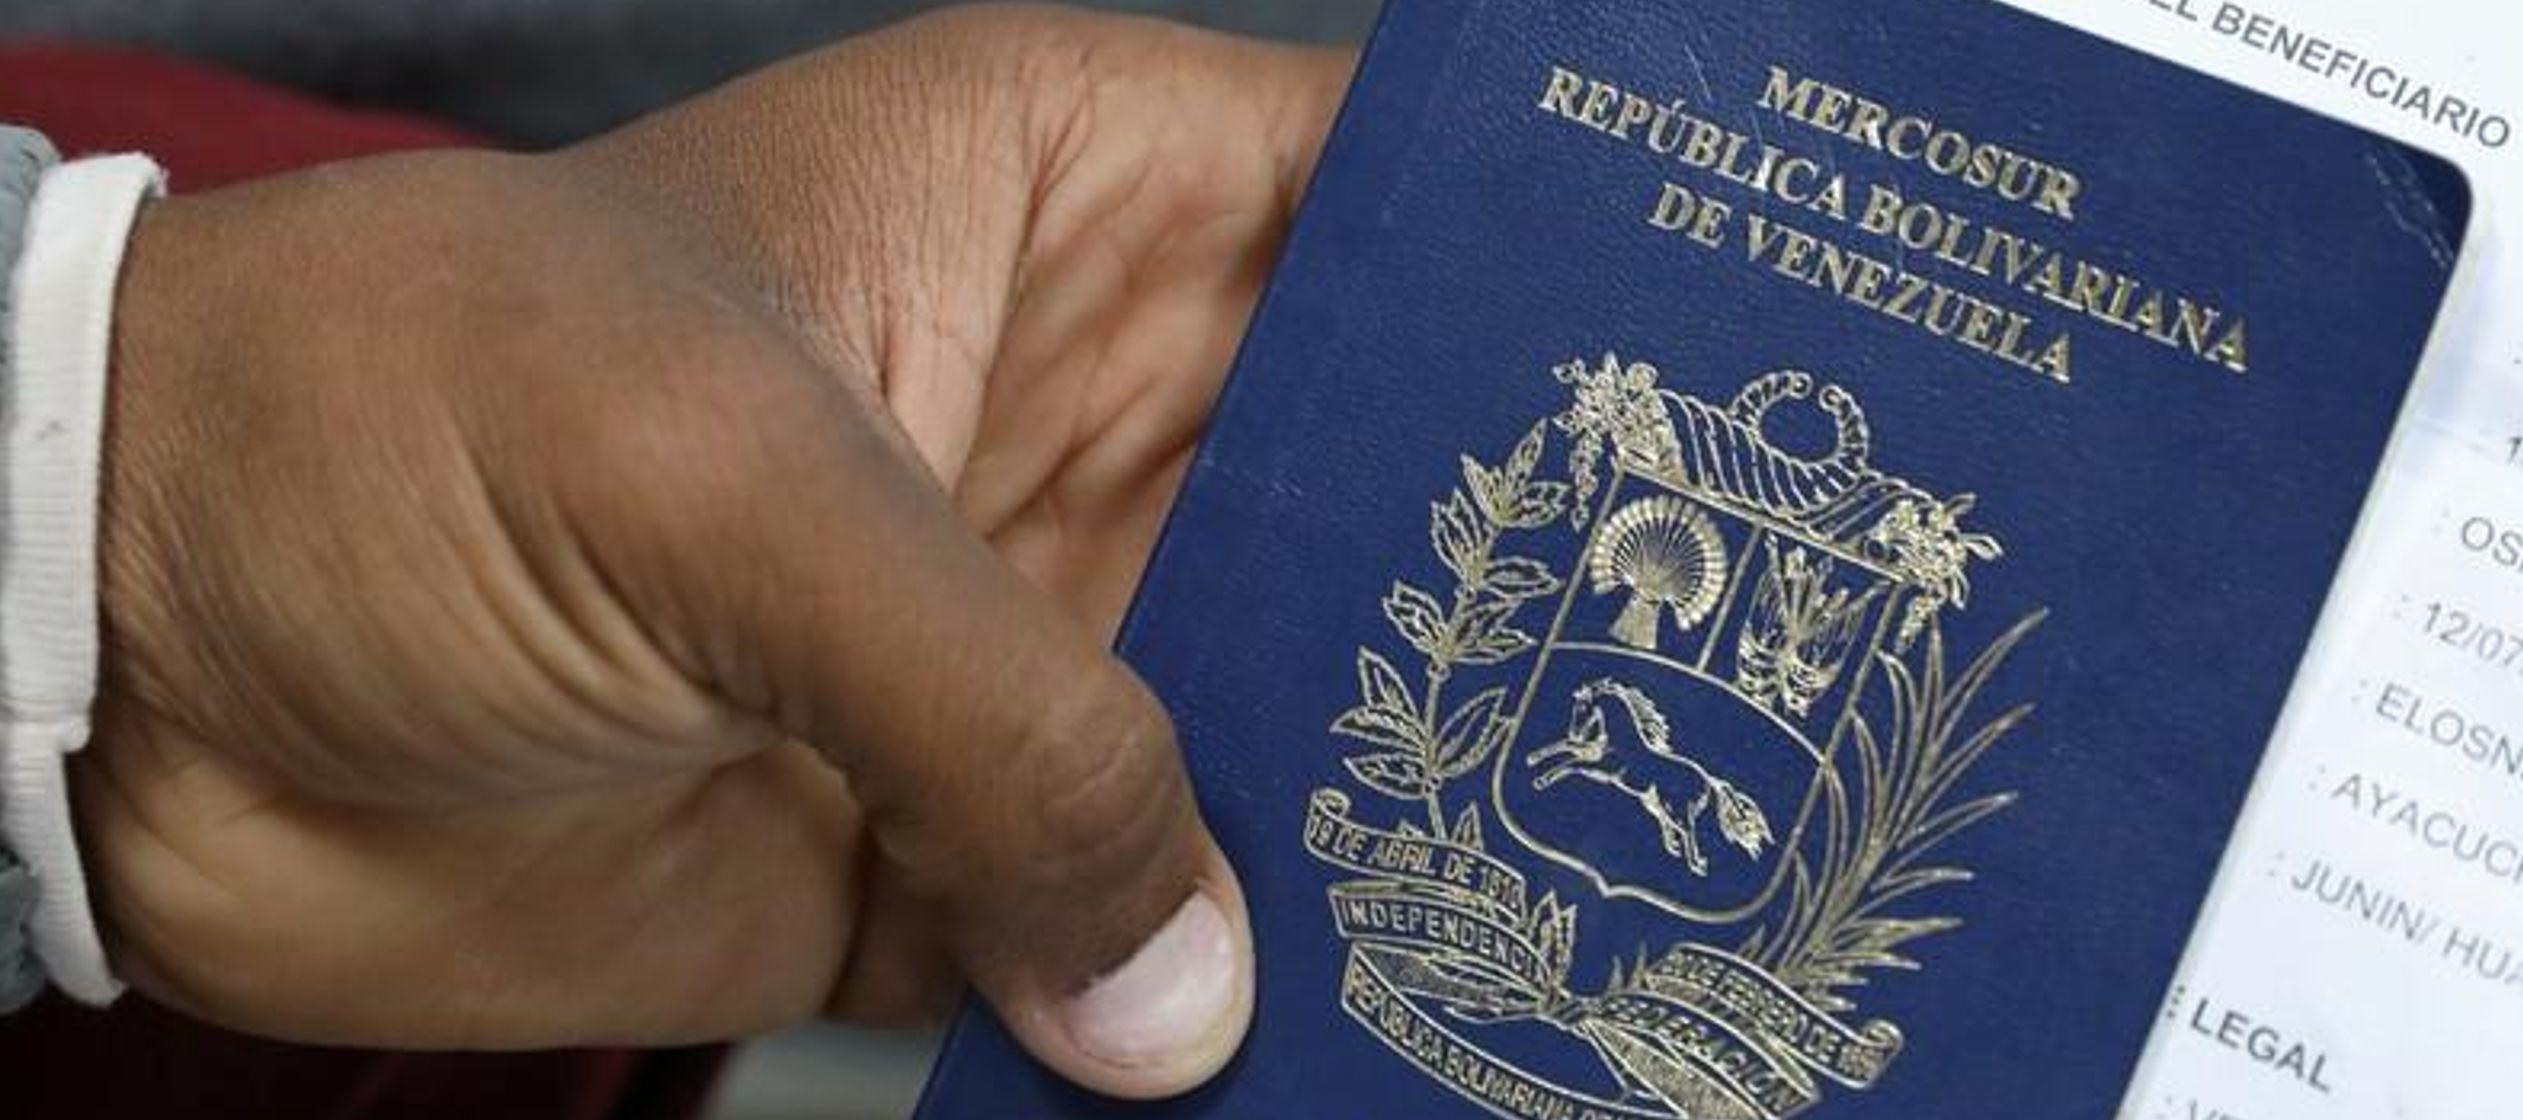 Algunos venezolanos aceleran planes para abandonar el país, alarmados por nuevas medidas de Maduro